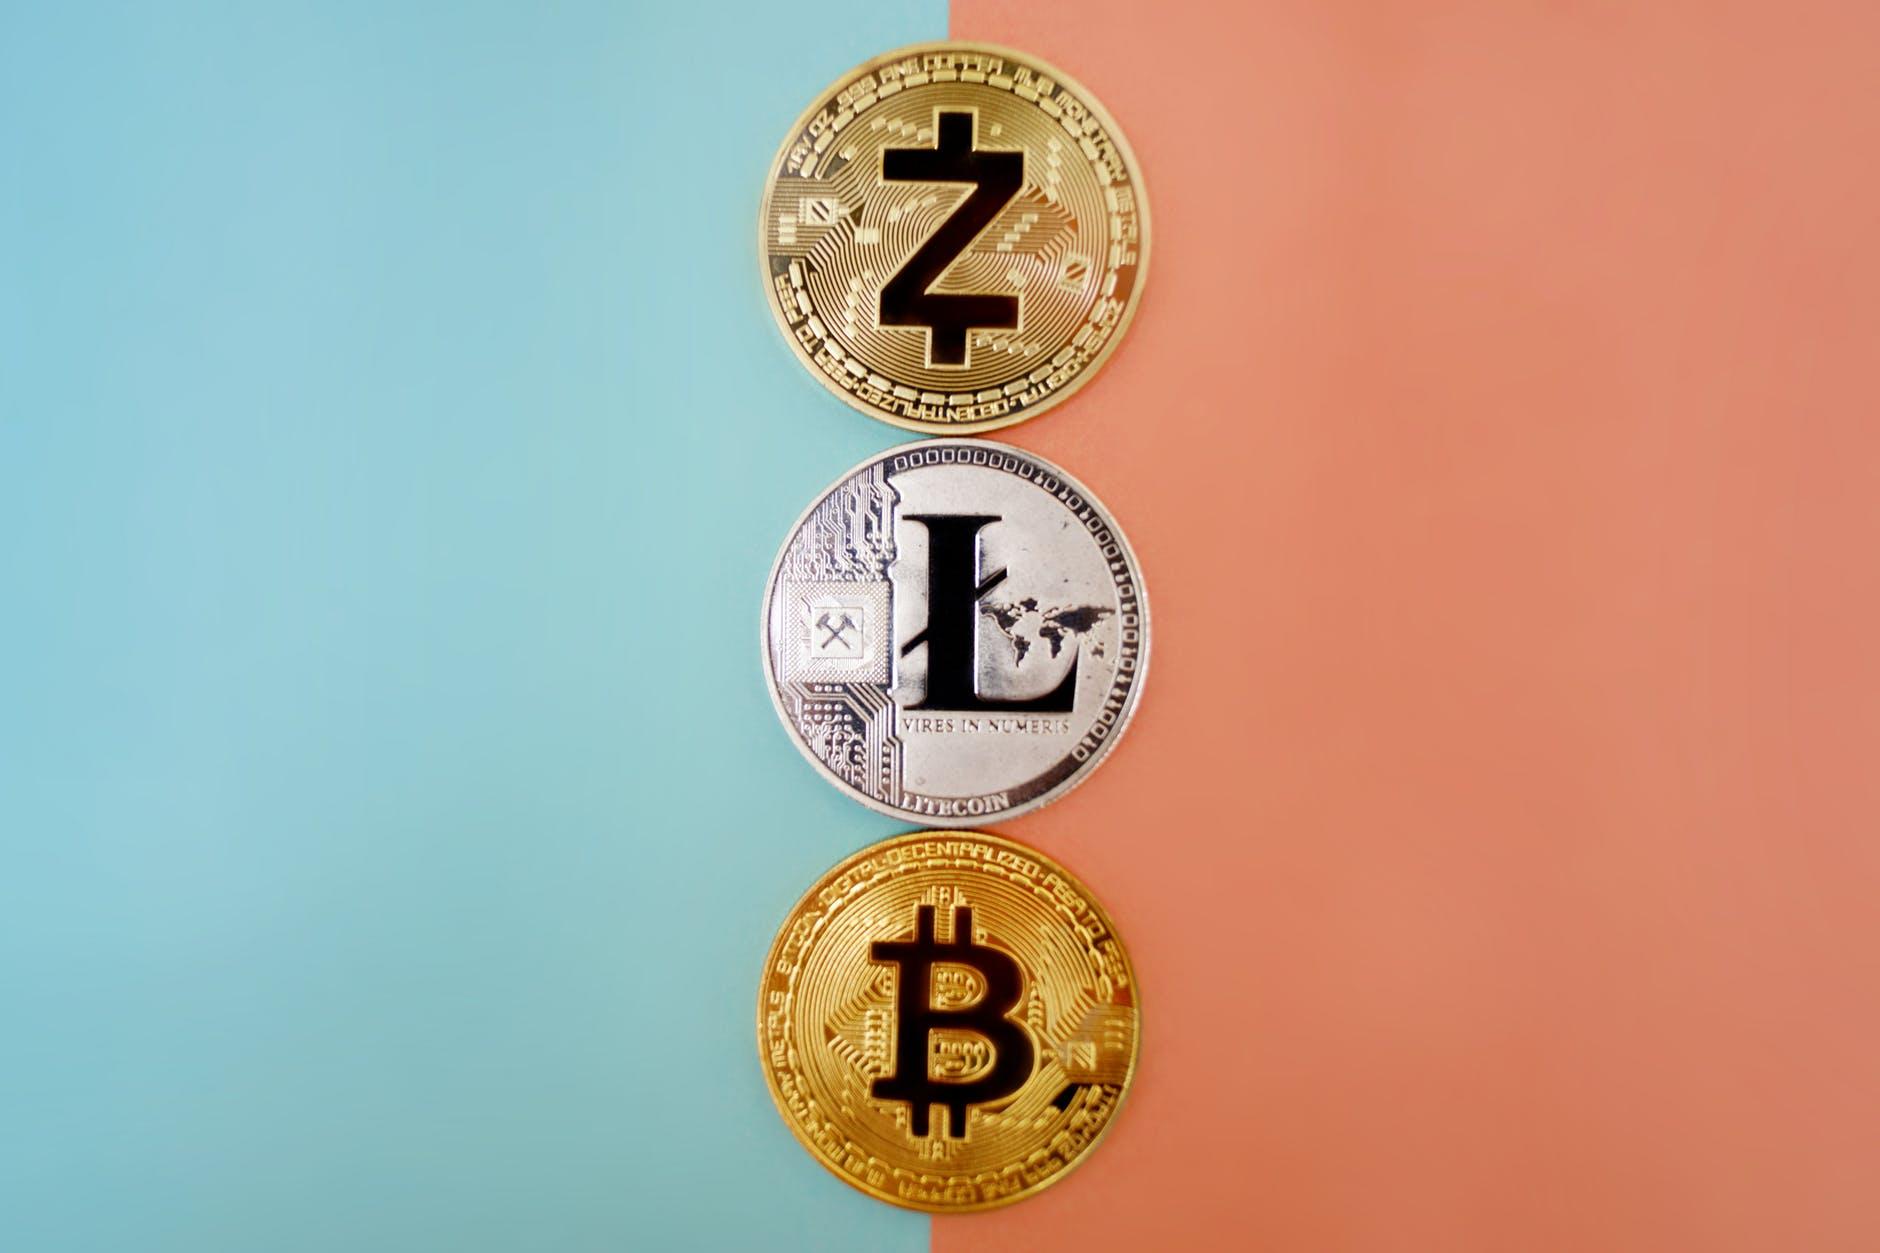 Kelebihan yang Ditawarkan dengan Login VIP Bitcoin Indonesia